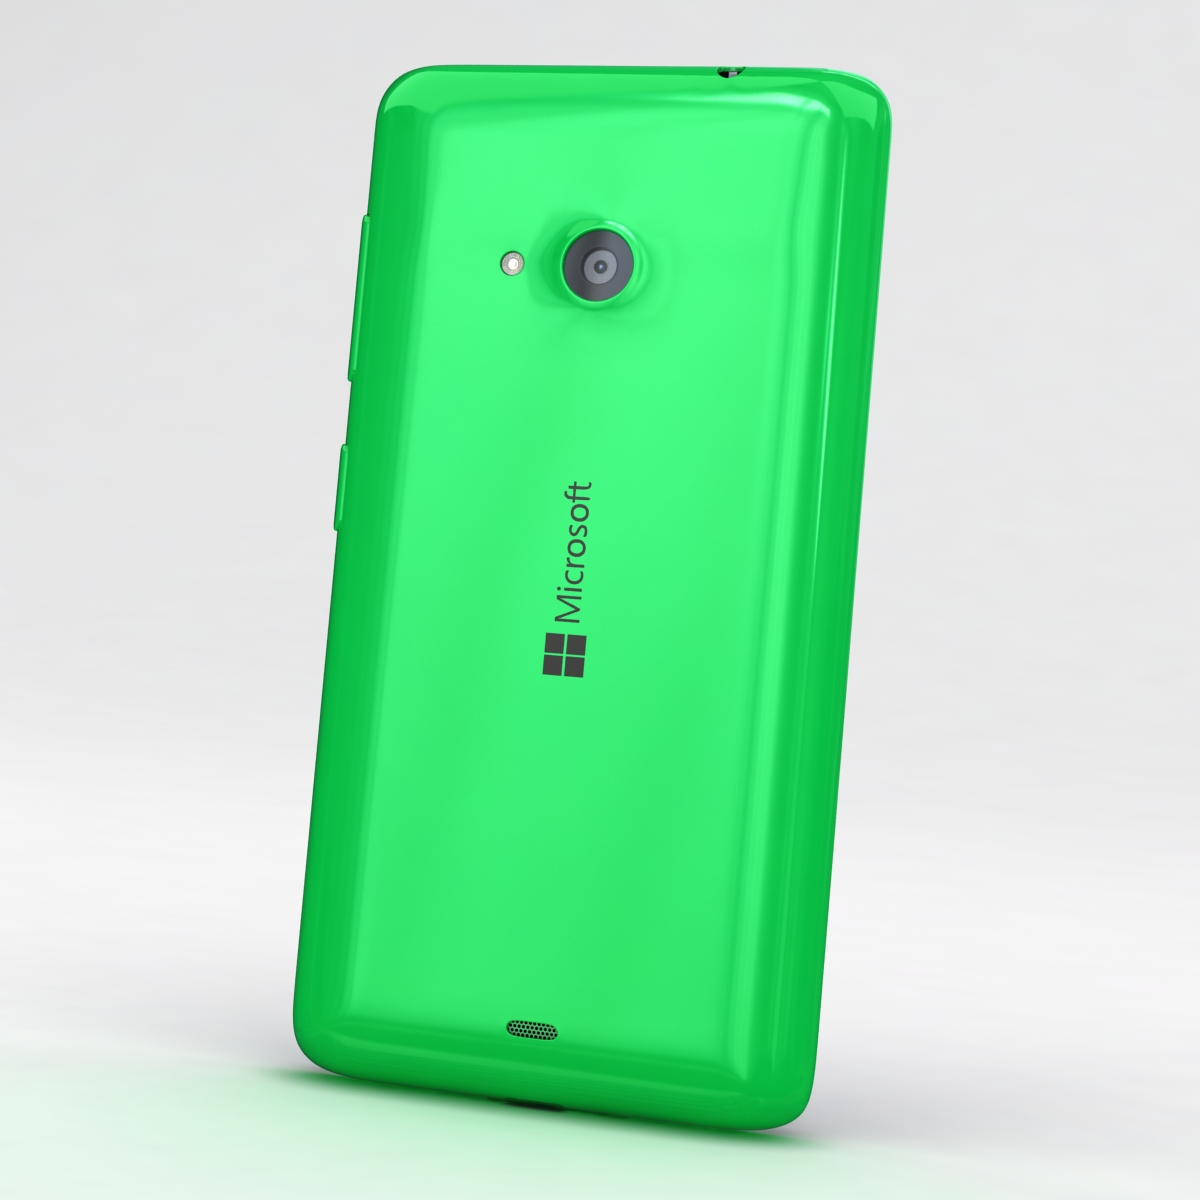 microsoft lumia 535 and dual sim all colors 3d model 3ds max fbx c4d obj 204670